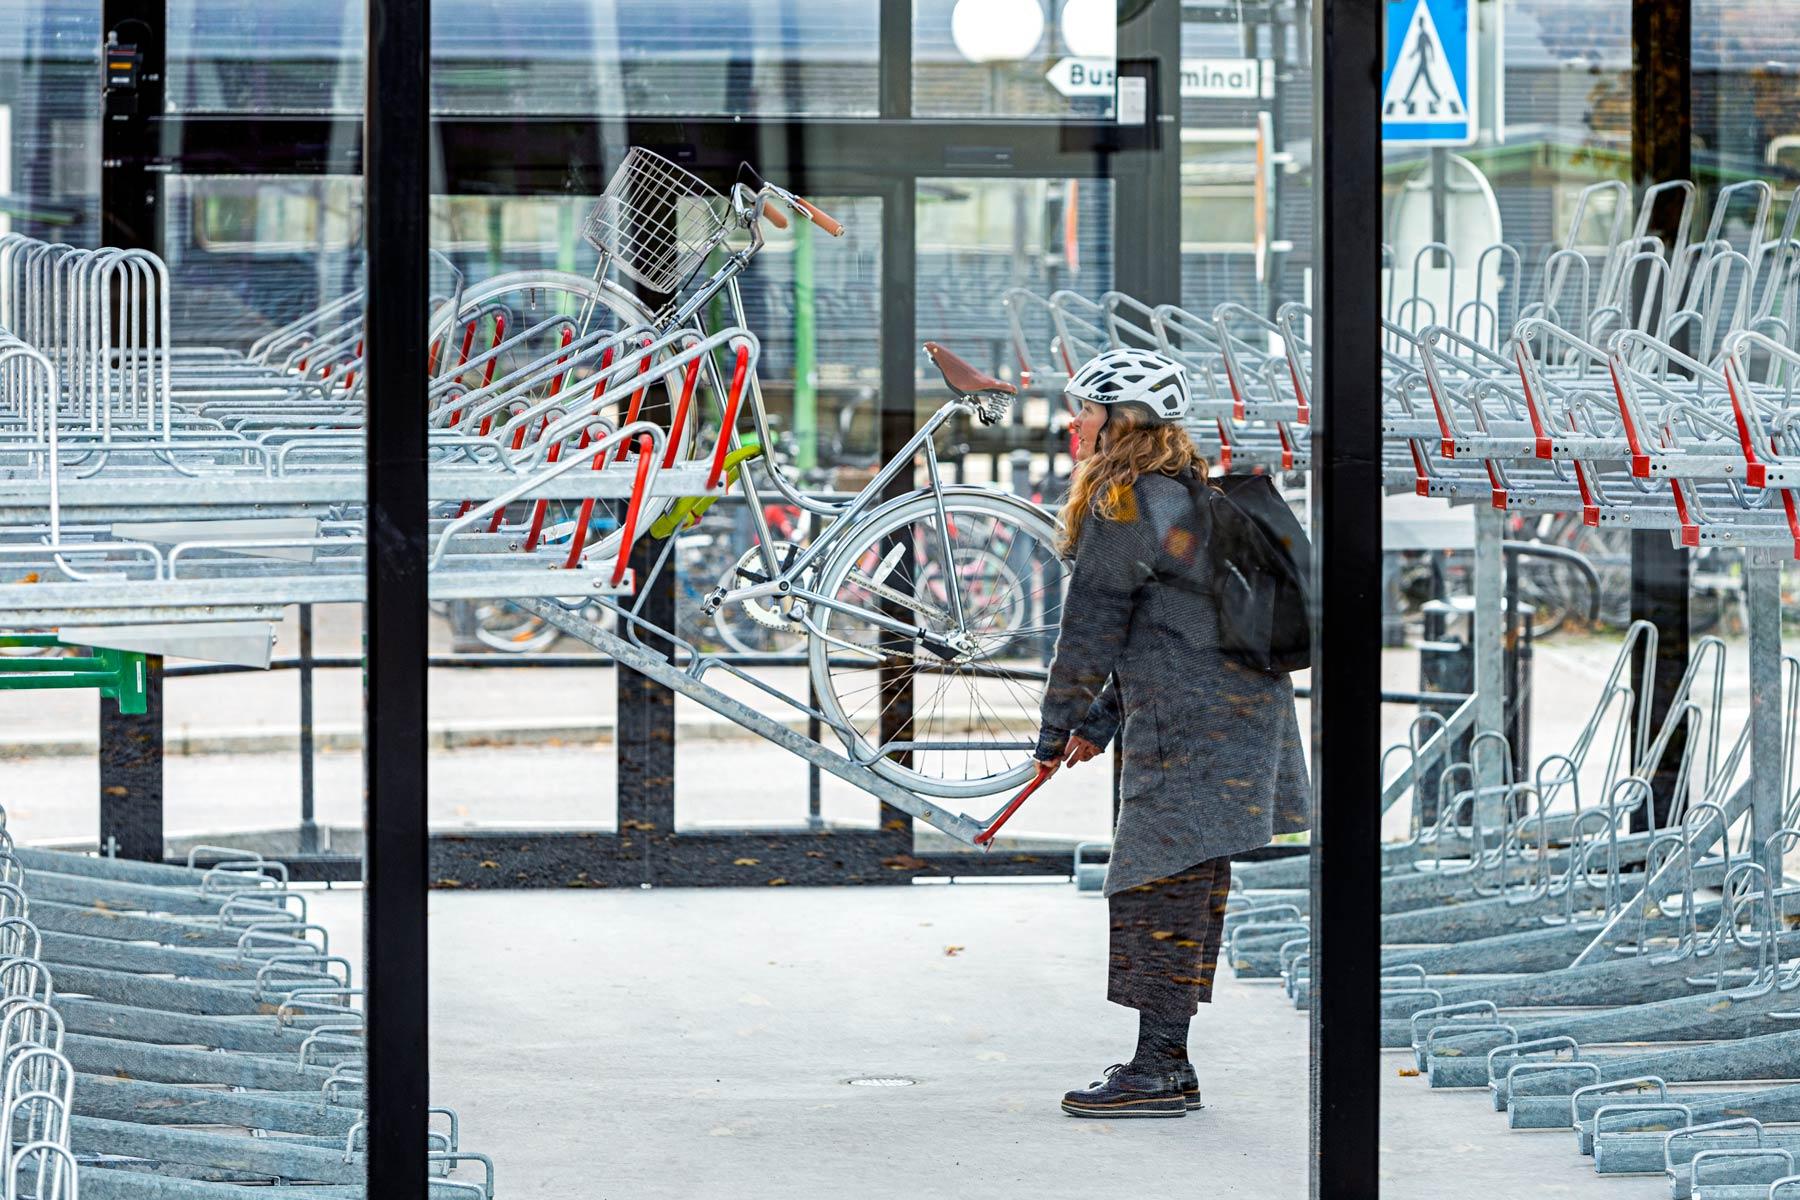 Cykelgarage och väderskydd